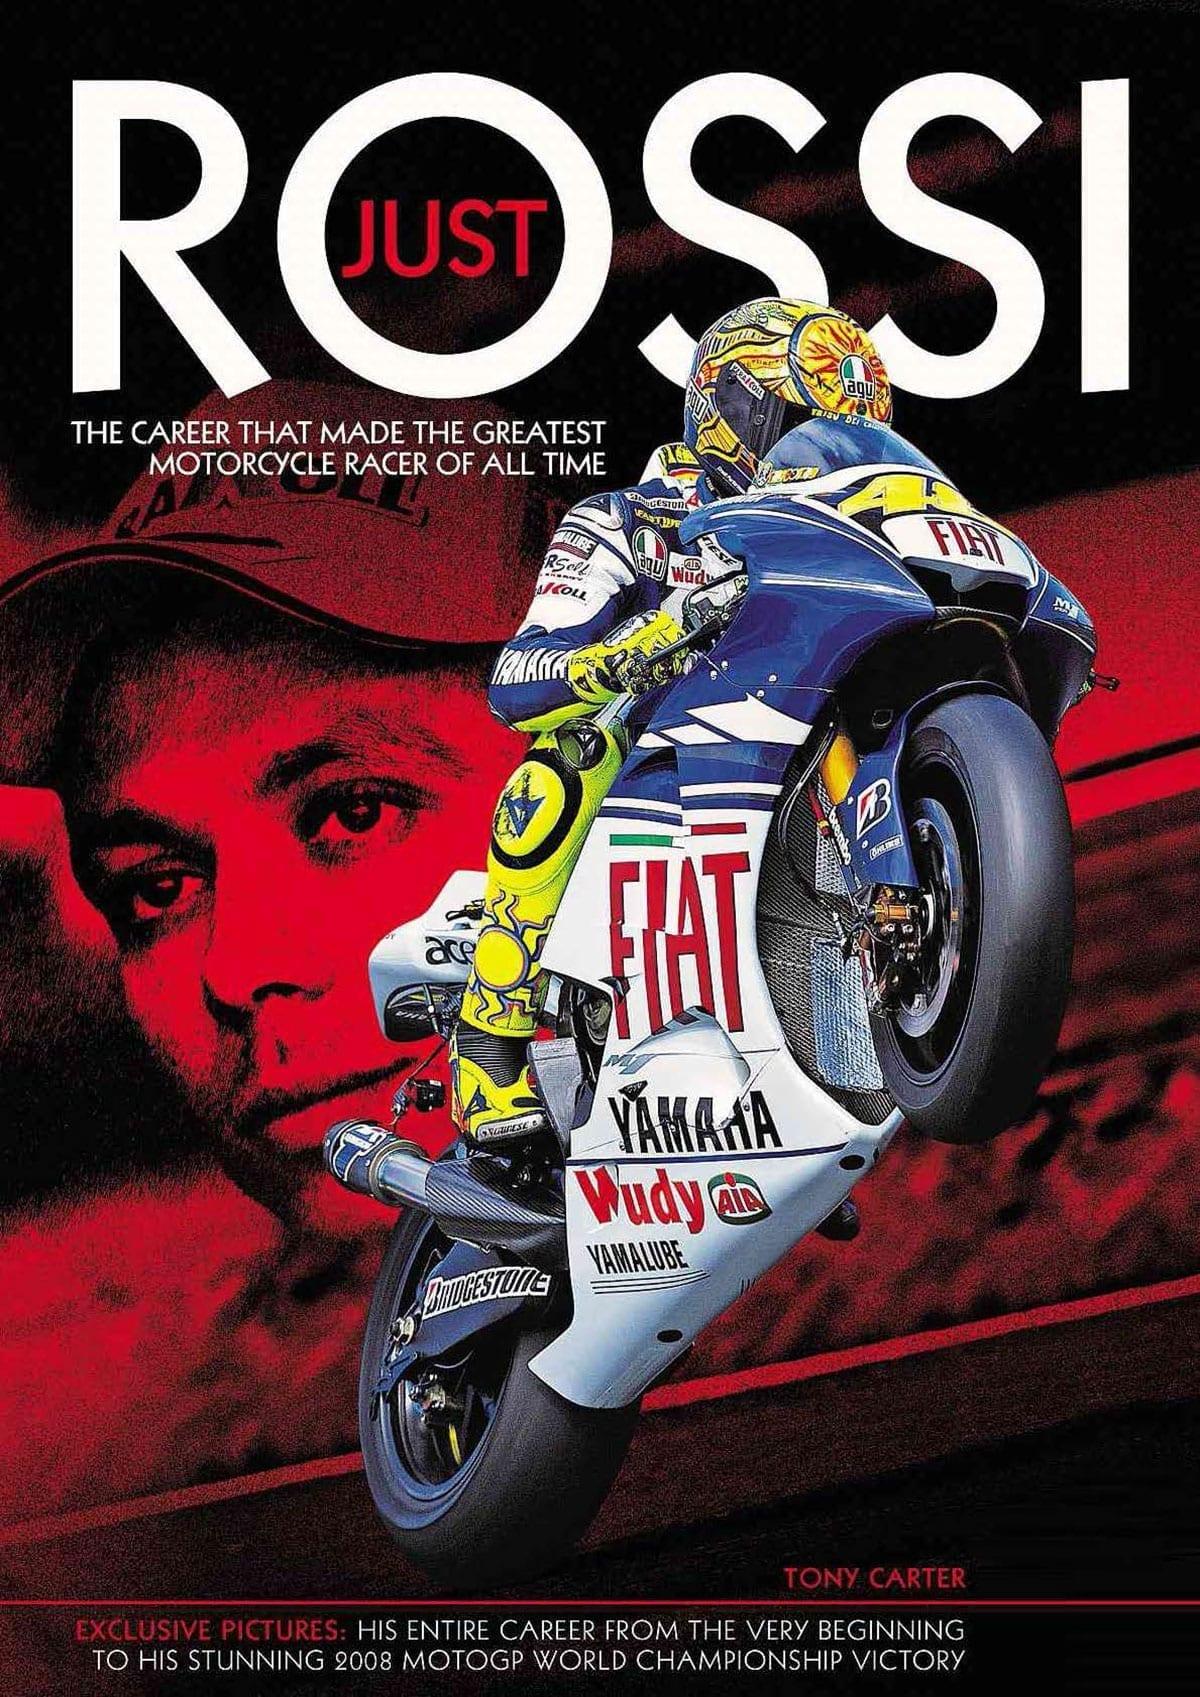 Just Rossi